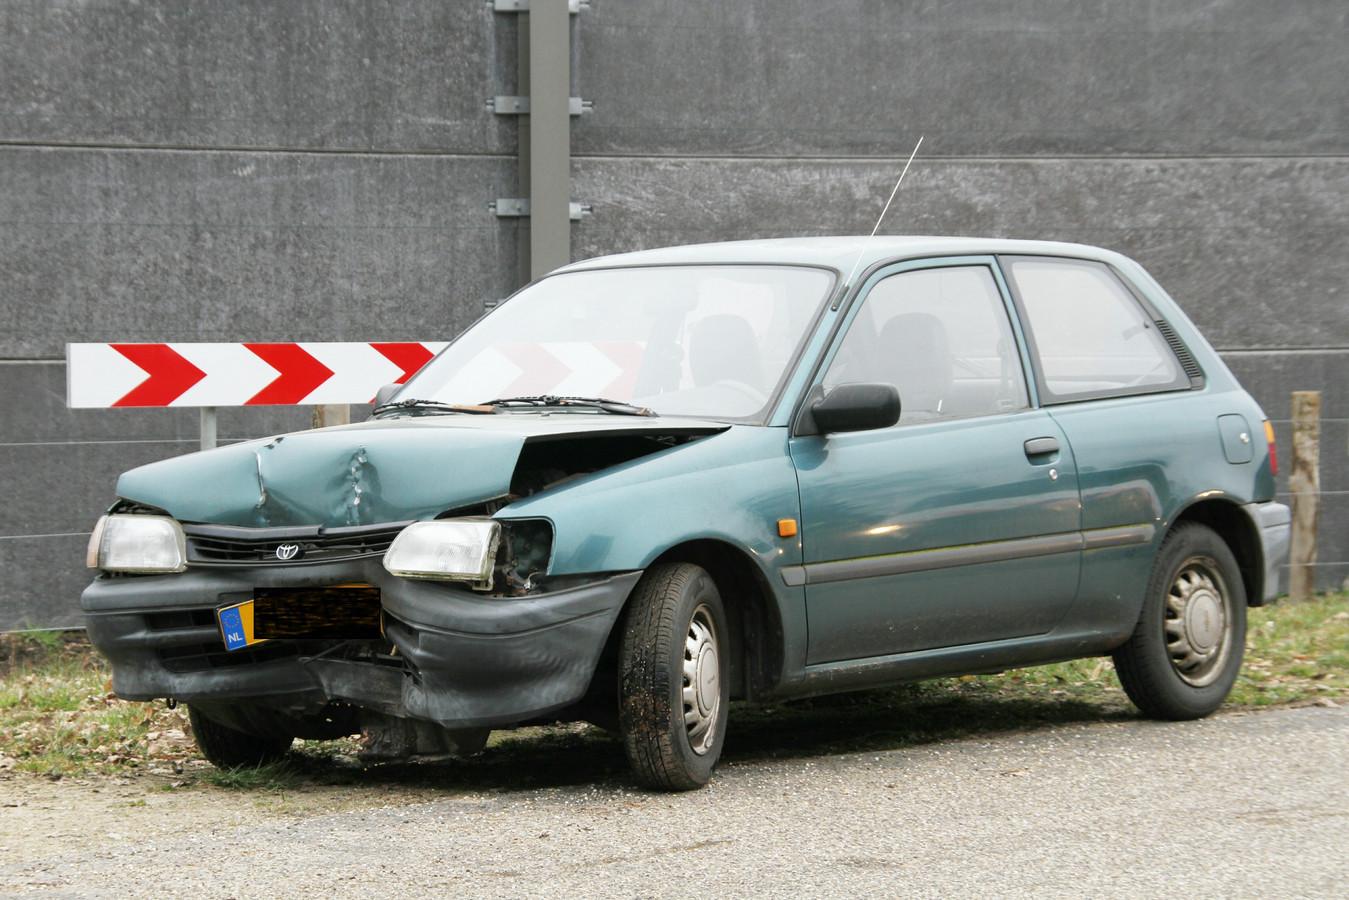 De auto is als gevolg van het eenzijdige ongeluk zwaar beschadigd.